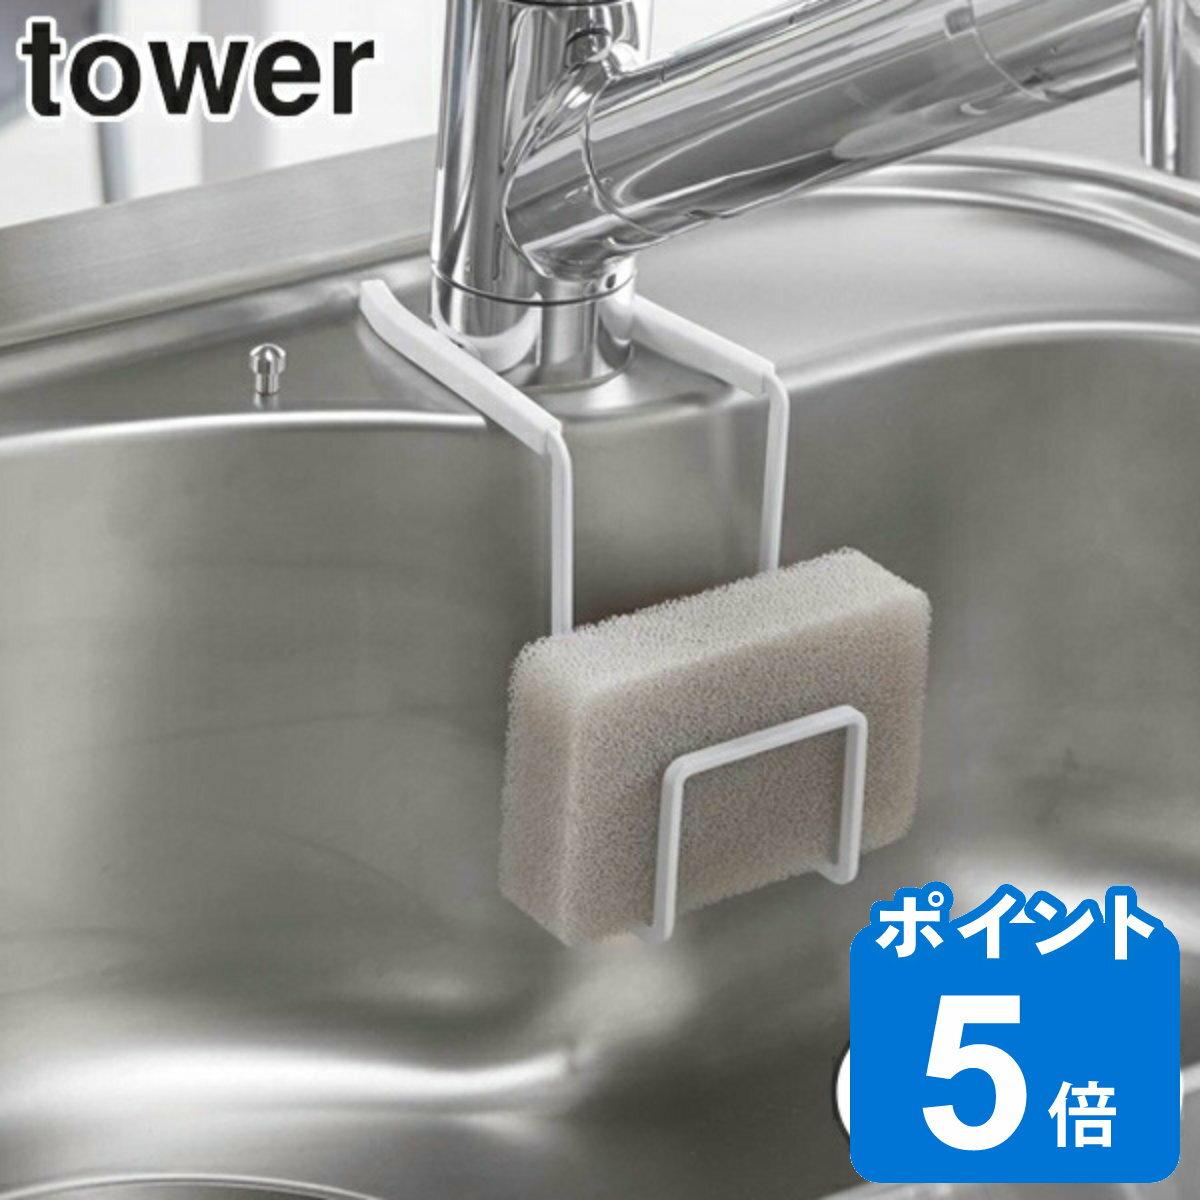 RoomClip商品情報 - スポンジラック 蛇口にかけるスポンジホルダー タワー tower ( スポンジホルダー スポンジ置き 山崎実業 スポンジ収納 シンク用品 シンク周り 水周り用品 水まわり用品 水回り用品 白 黒 yamazaki )